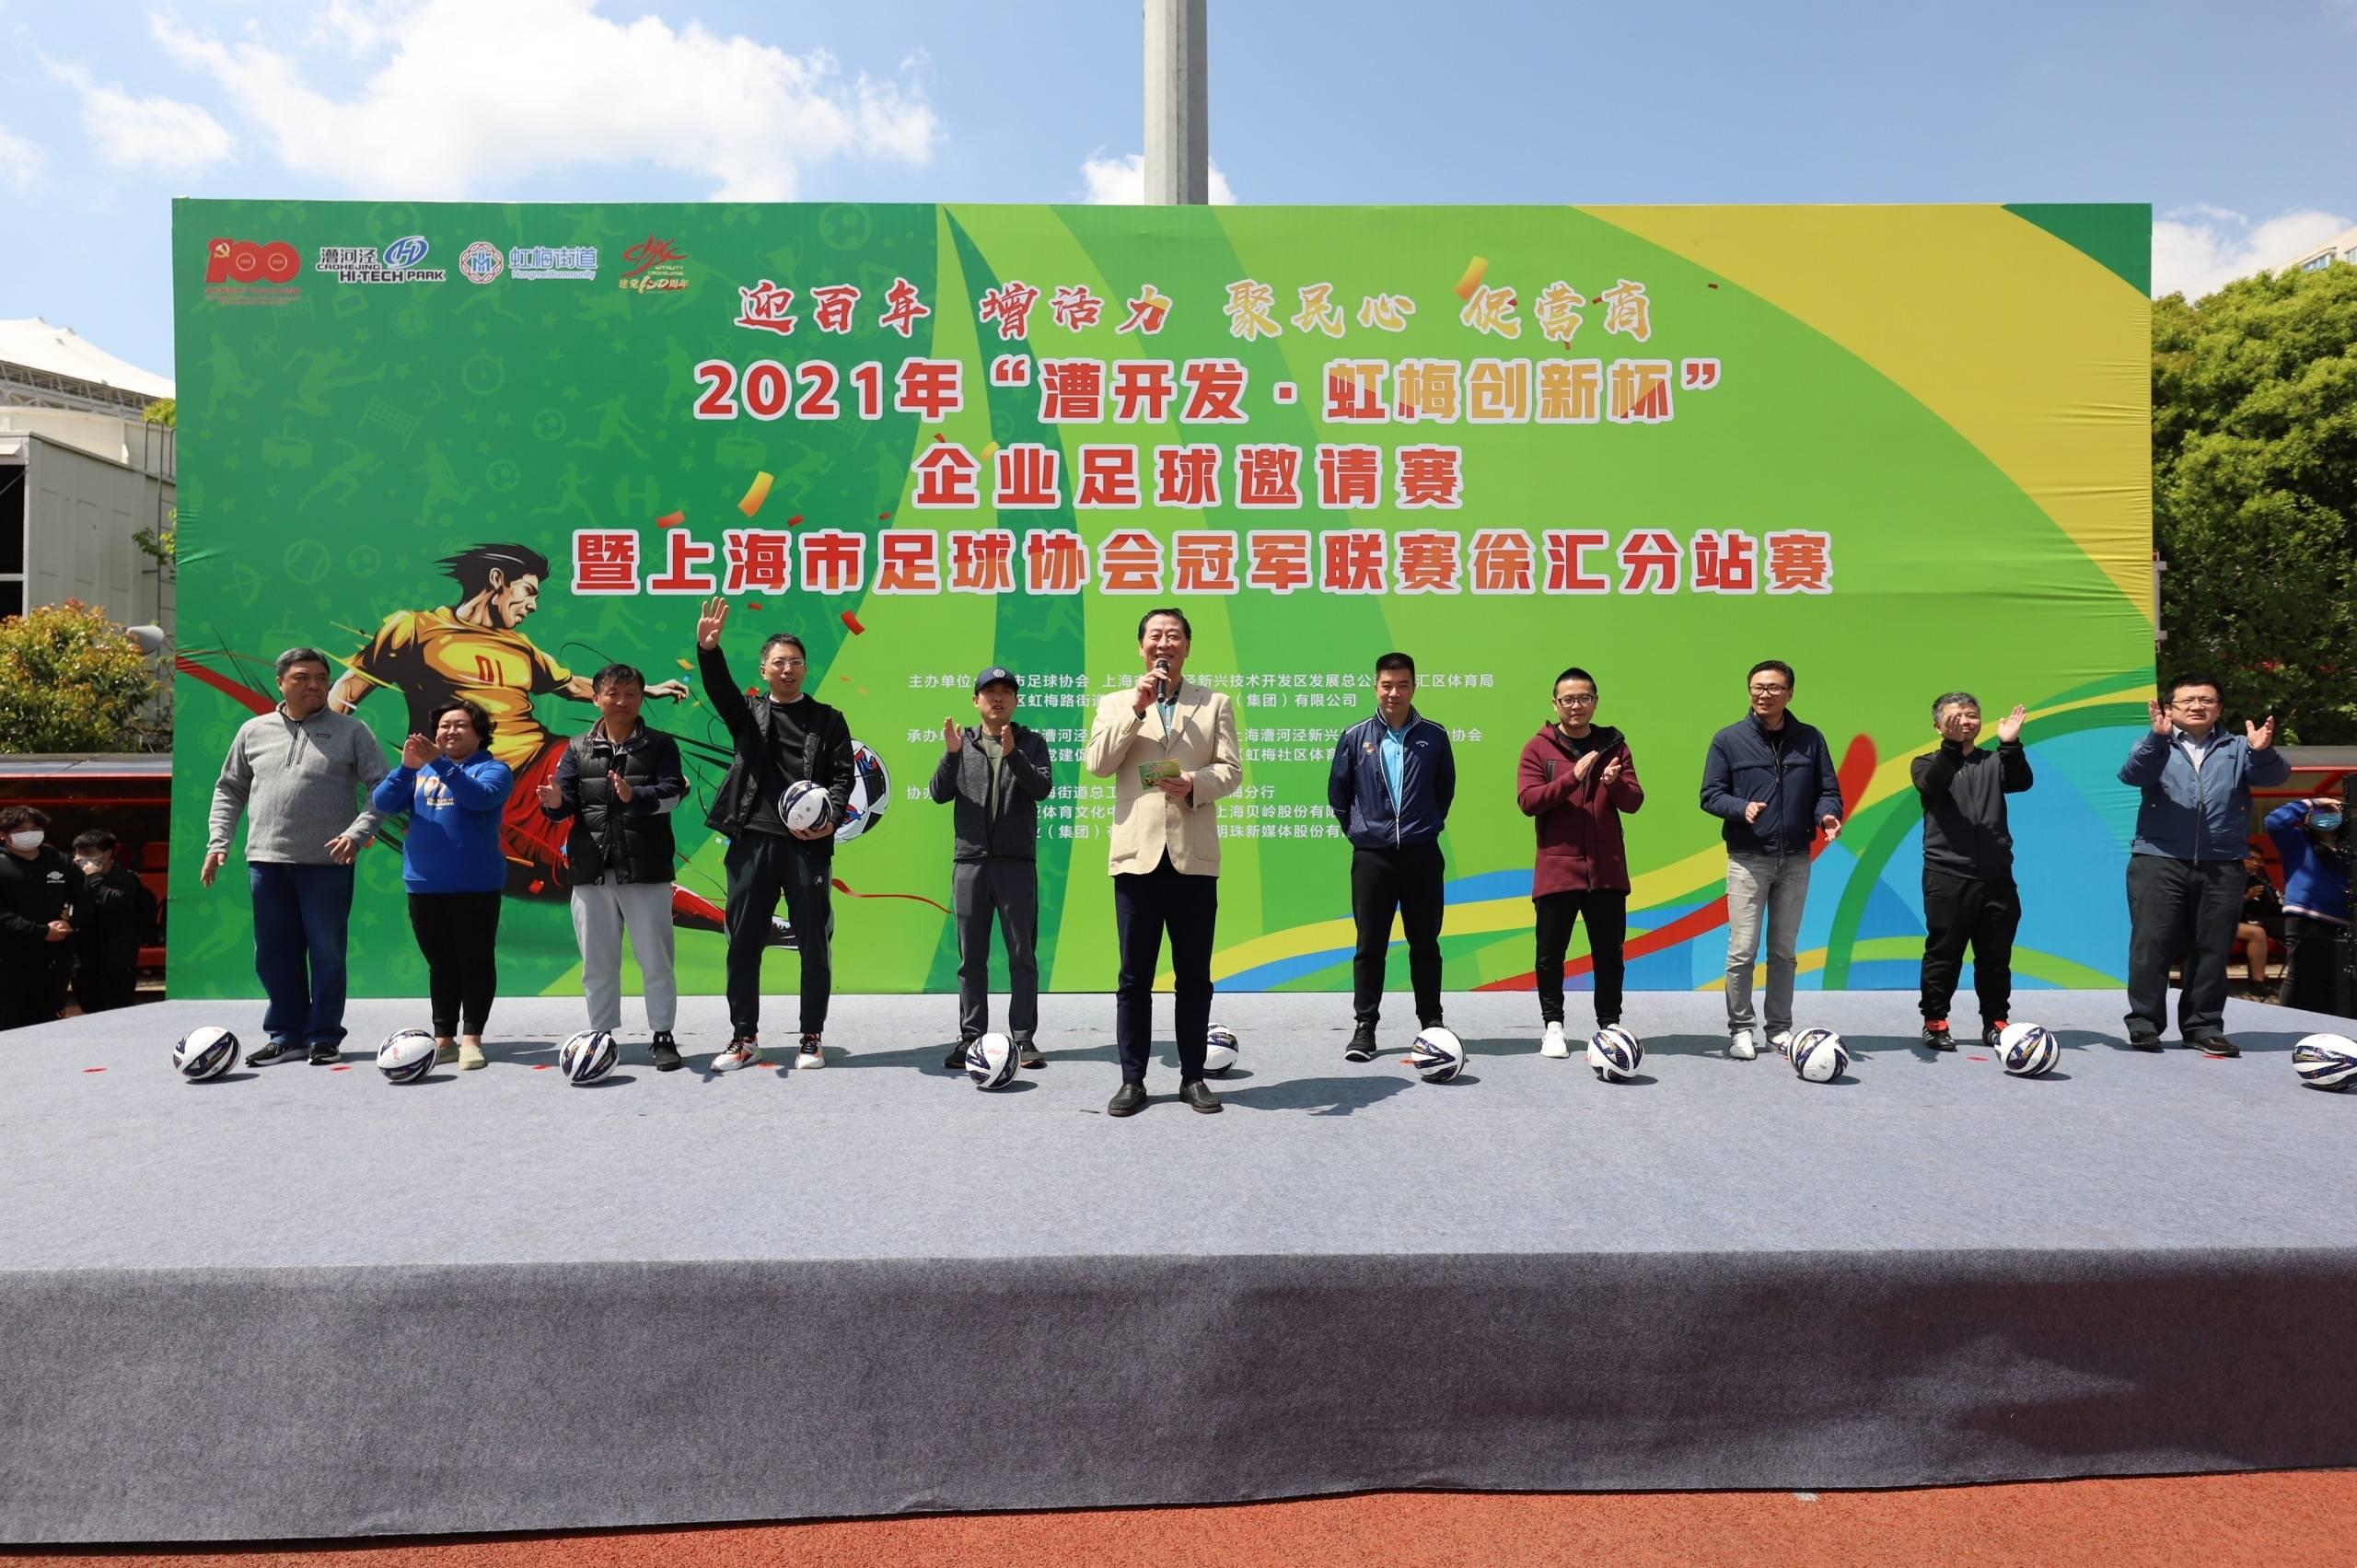 上海漕河泾举行企业足球邀请赛 64队参赛柳海光